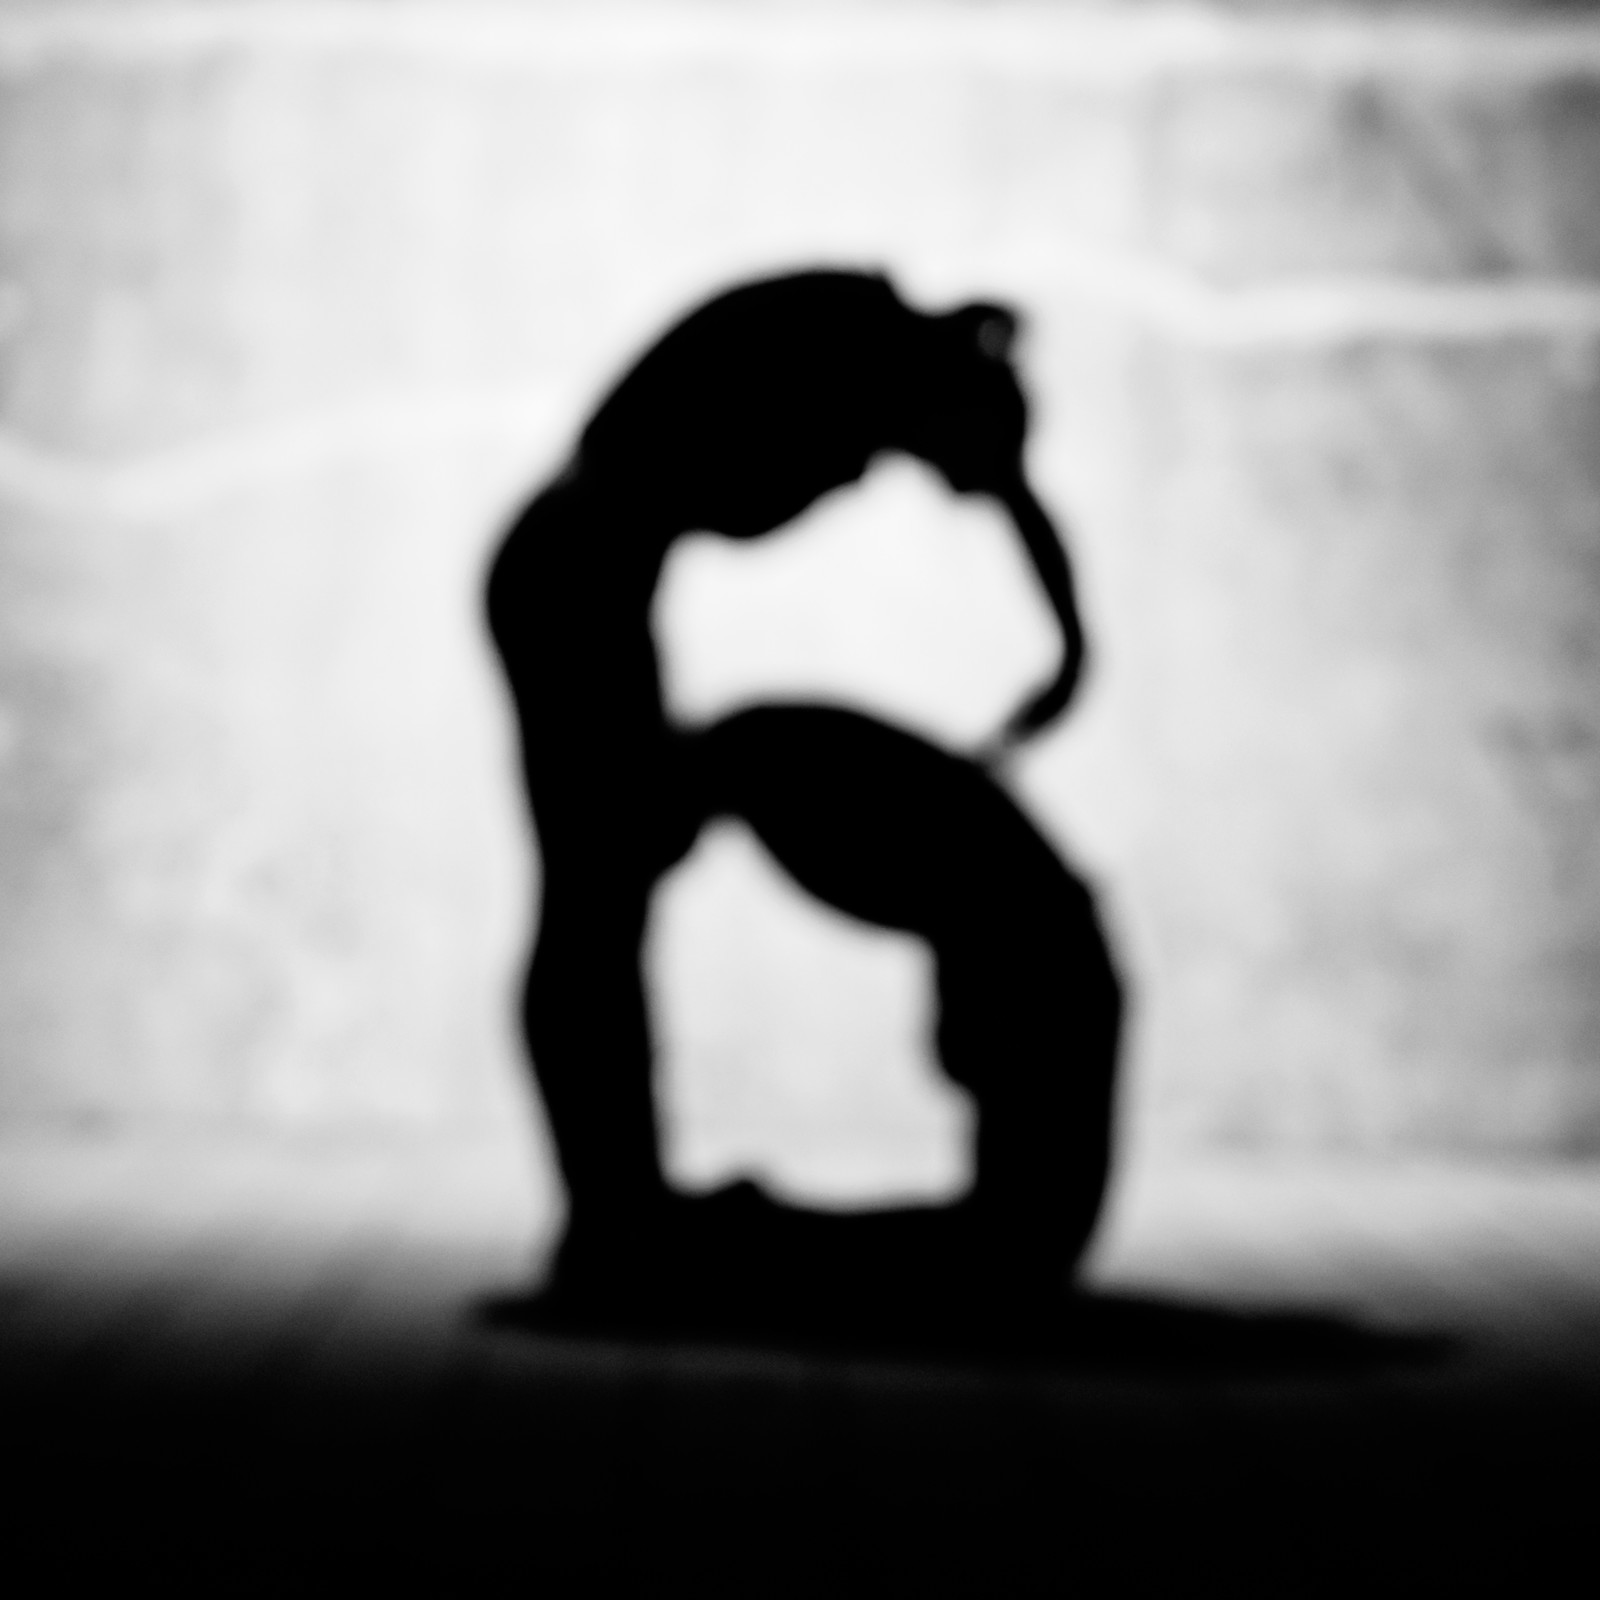 「「B」のアルファベット(人文字)」の写真